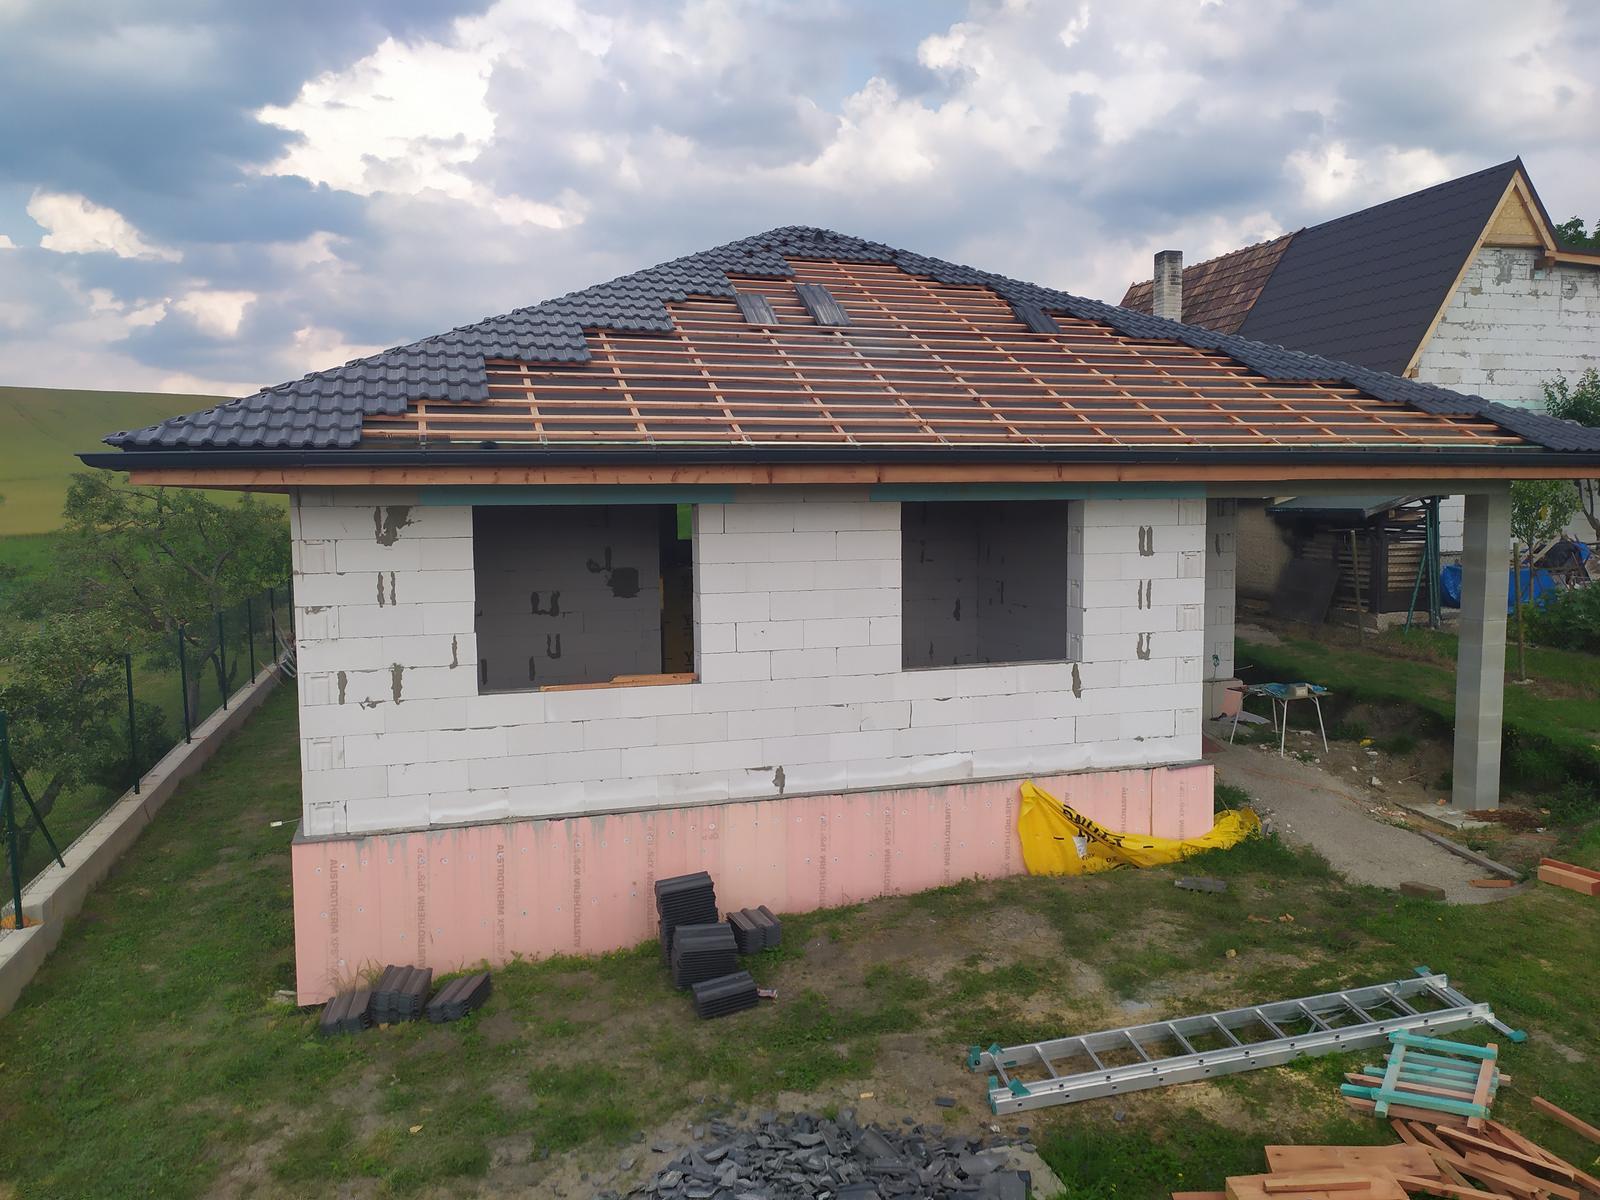 Stavba domu - Svojpomocne 🏠 - Obrázok č. 88